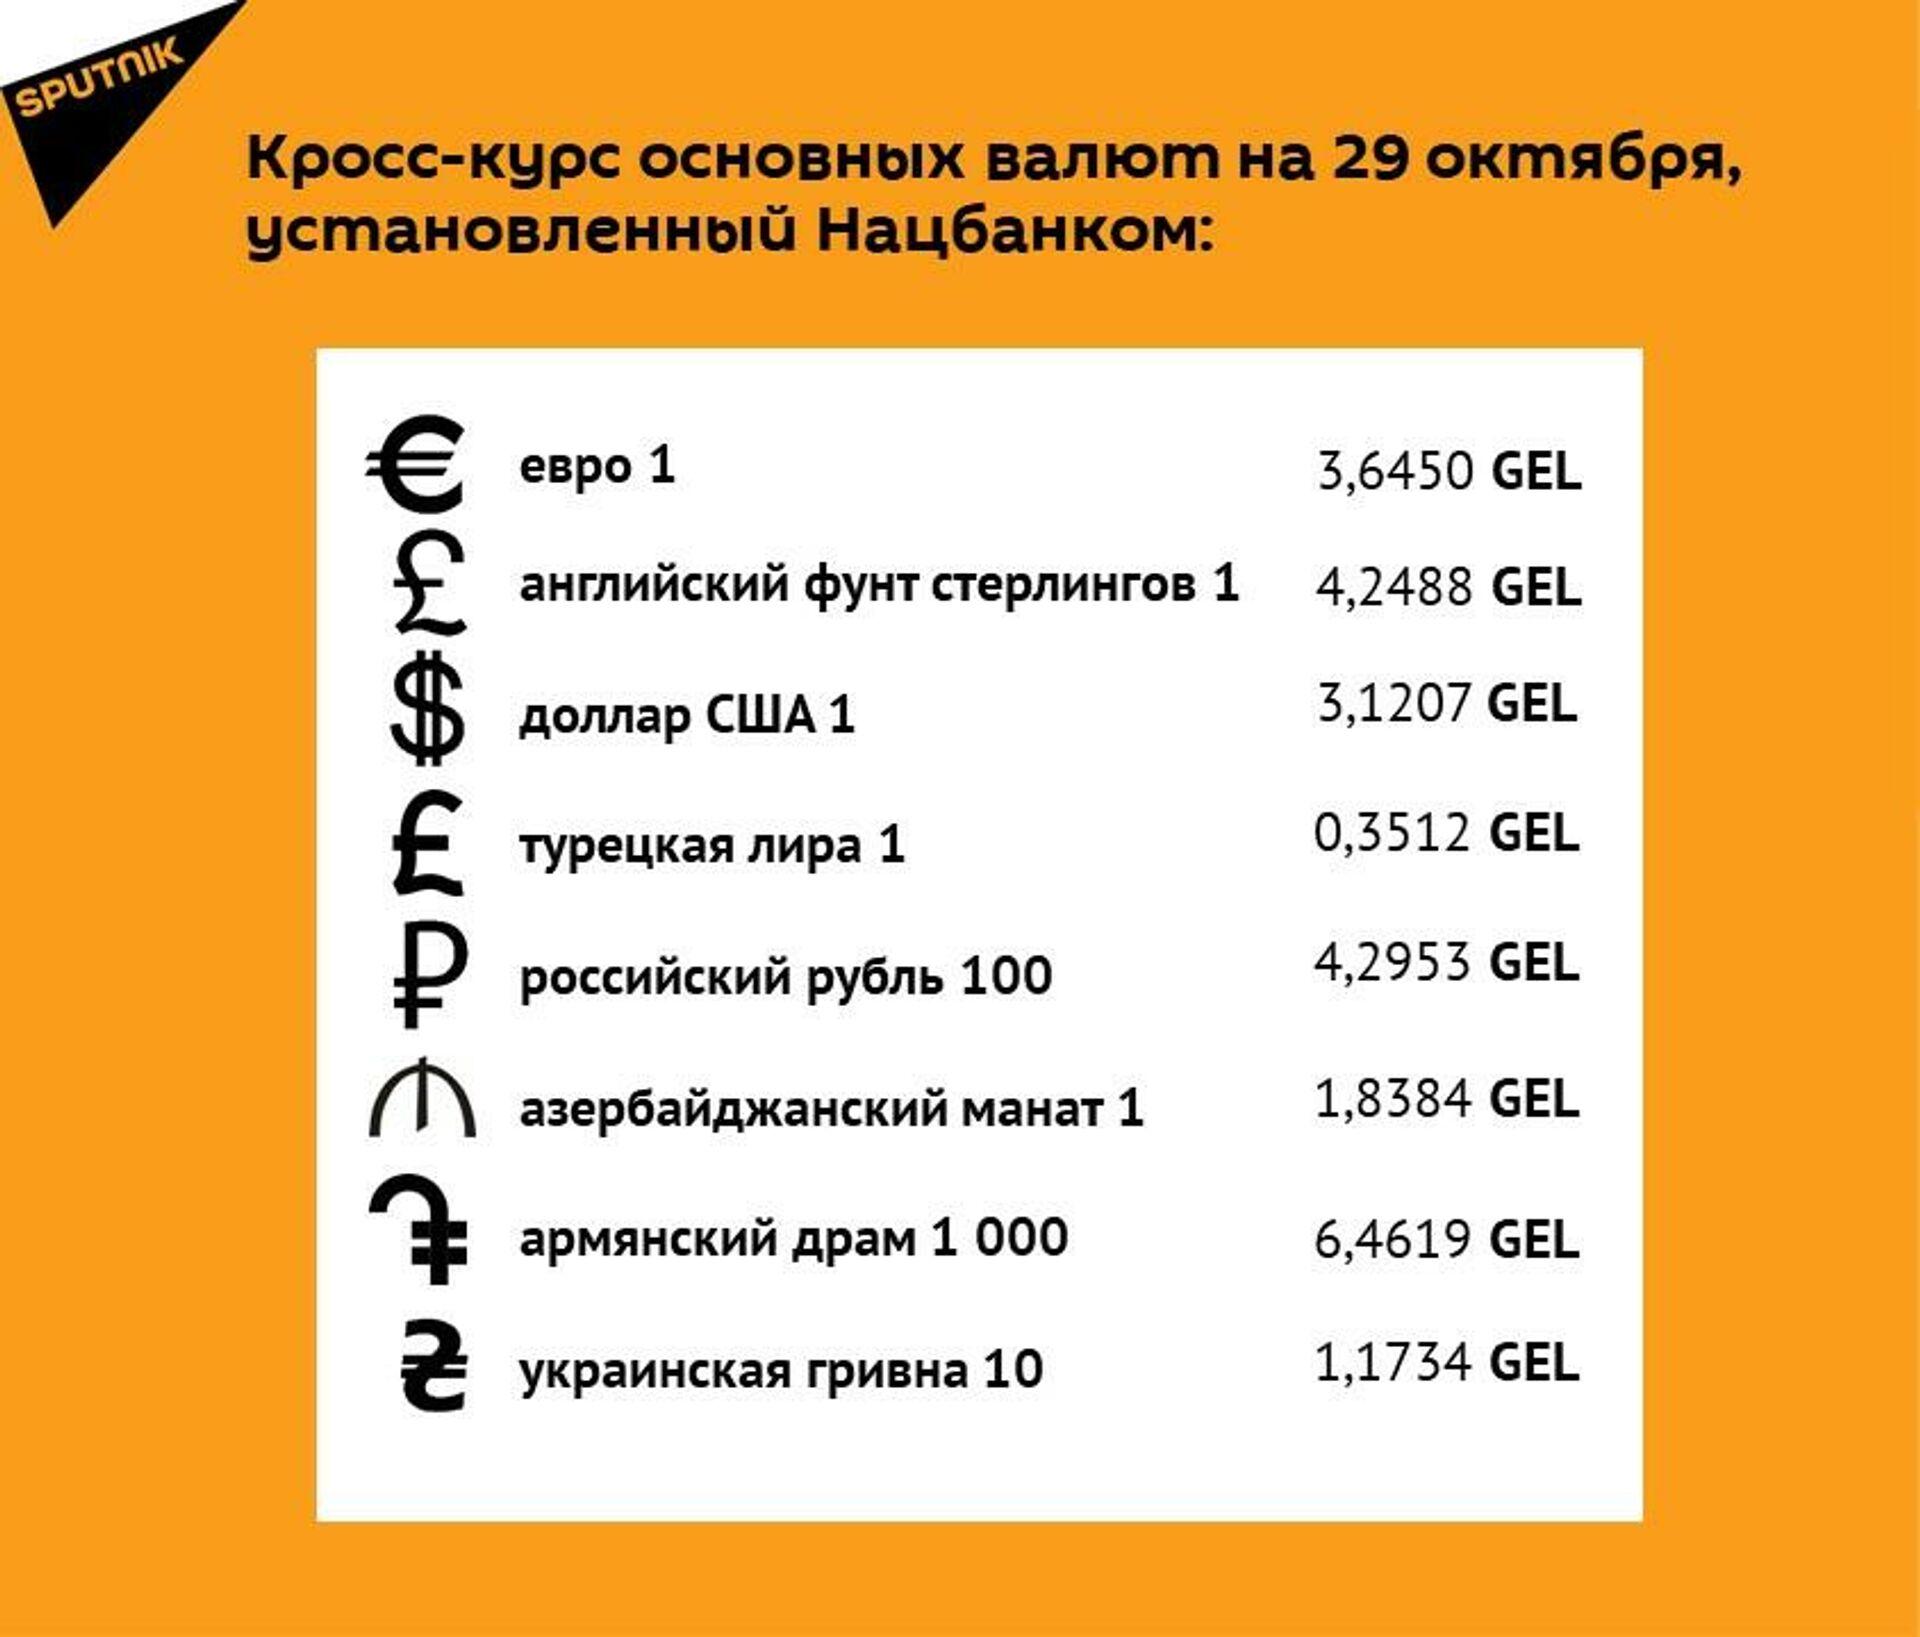 Кросс-курс основных валют на 29 сентября - Sputnik Грузия, 1920, 28.09.2021